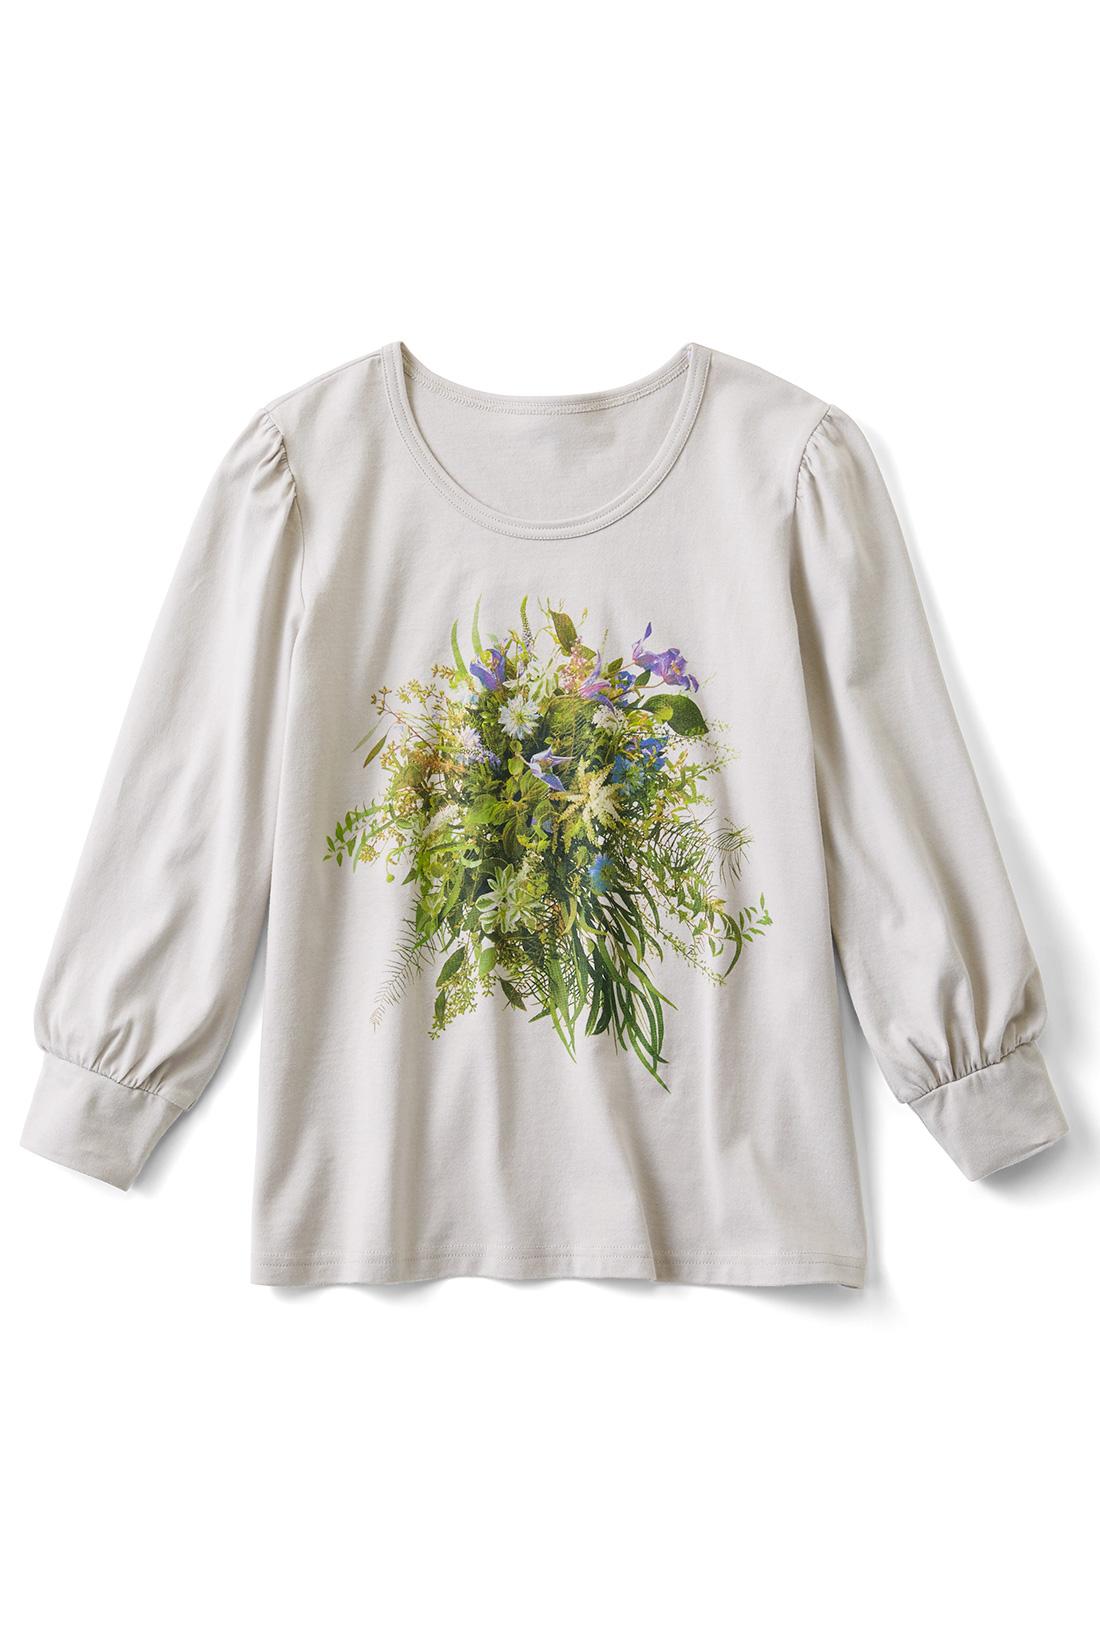 [ライトグレー]手を添えれば花束を持っているみたい。袖はギャザーでぷっくりかわいい。